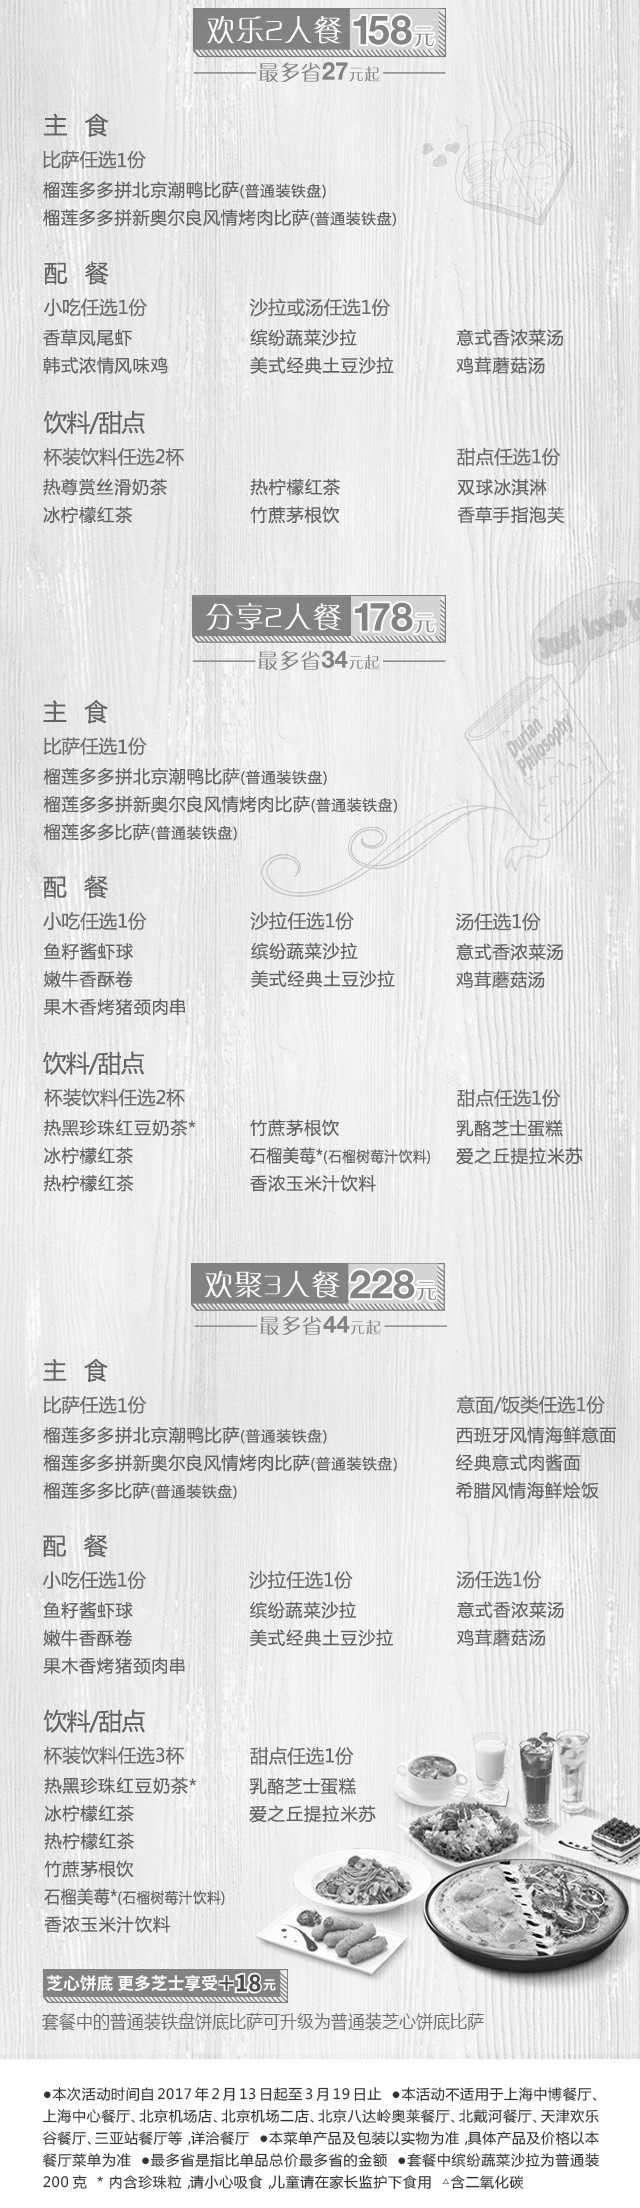 黑白优惠券图片:必胜客榴莲多多比萨2人套餐158元起,3人套餐228元,+18元升级芝心 - www.5ikfc.com